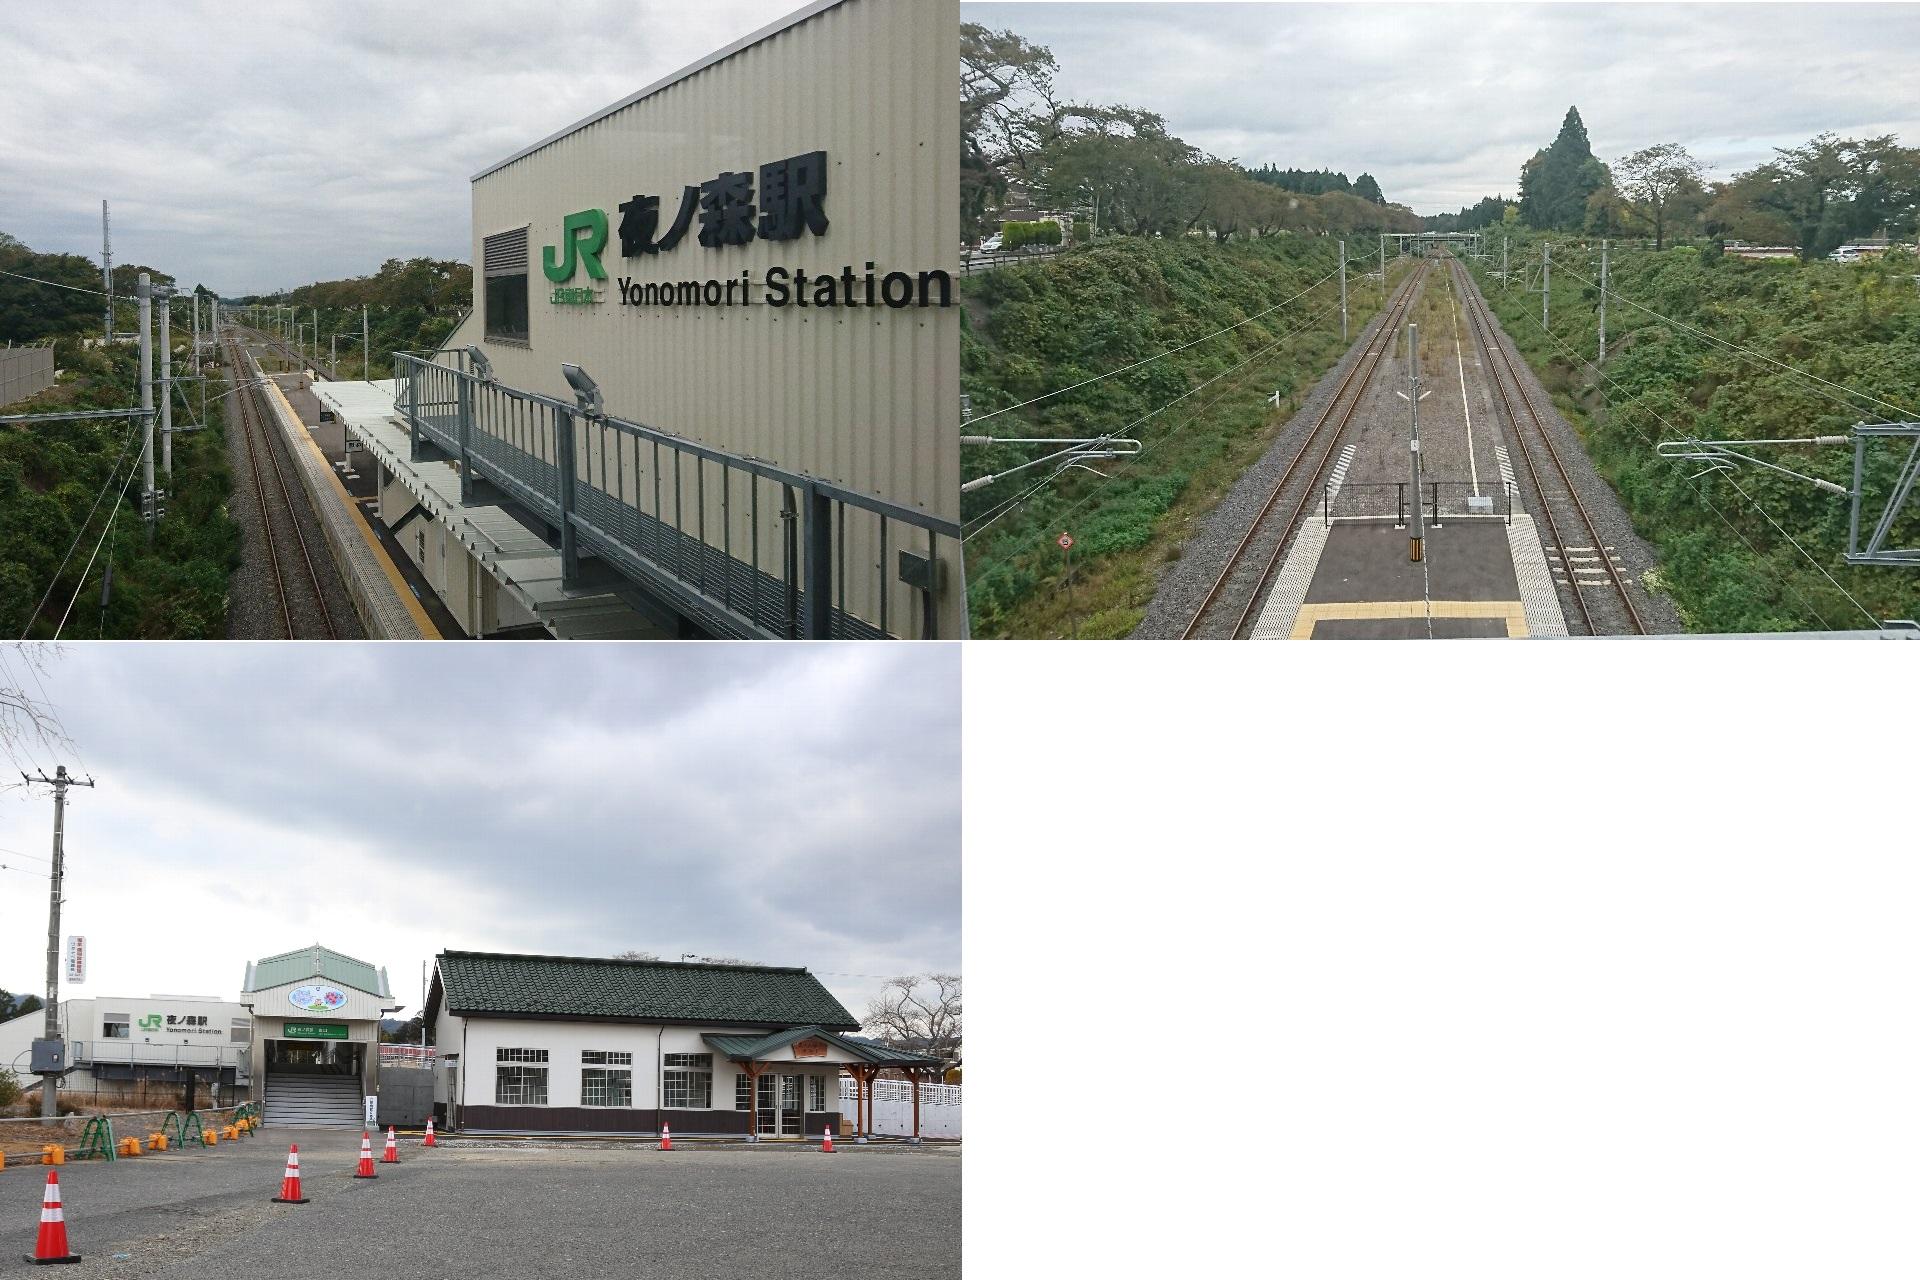 JR常磐線夜ノ森駅